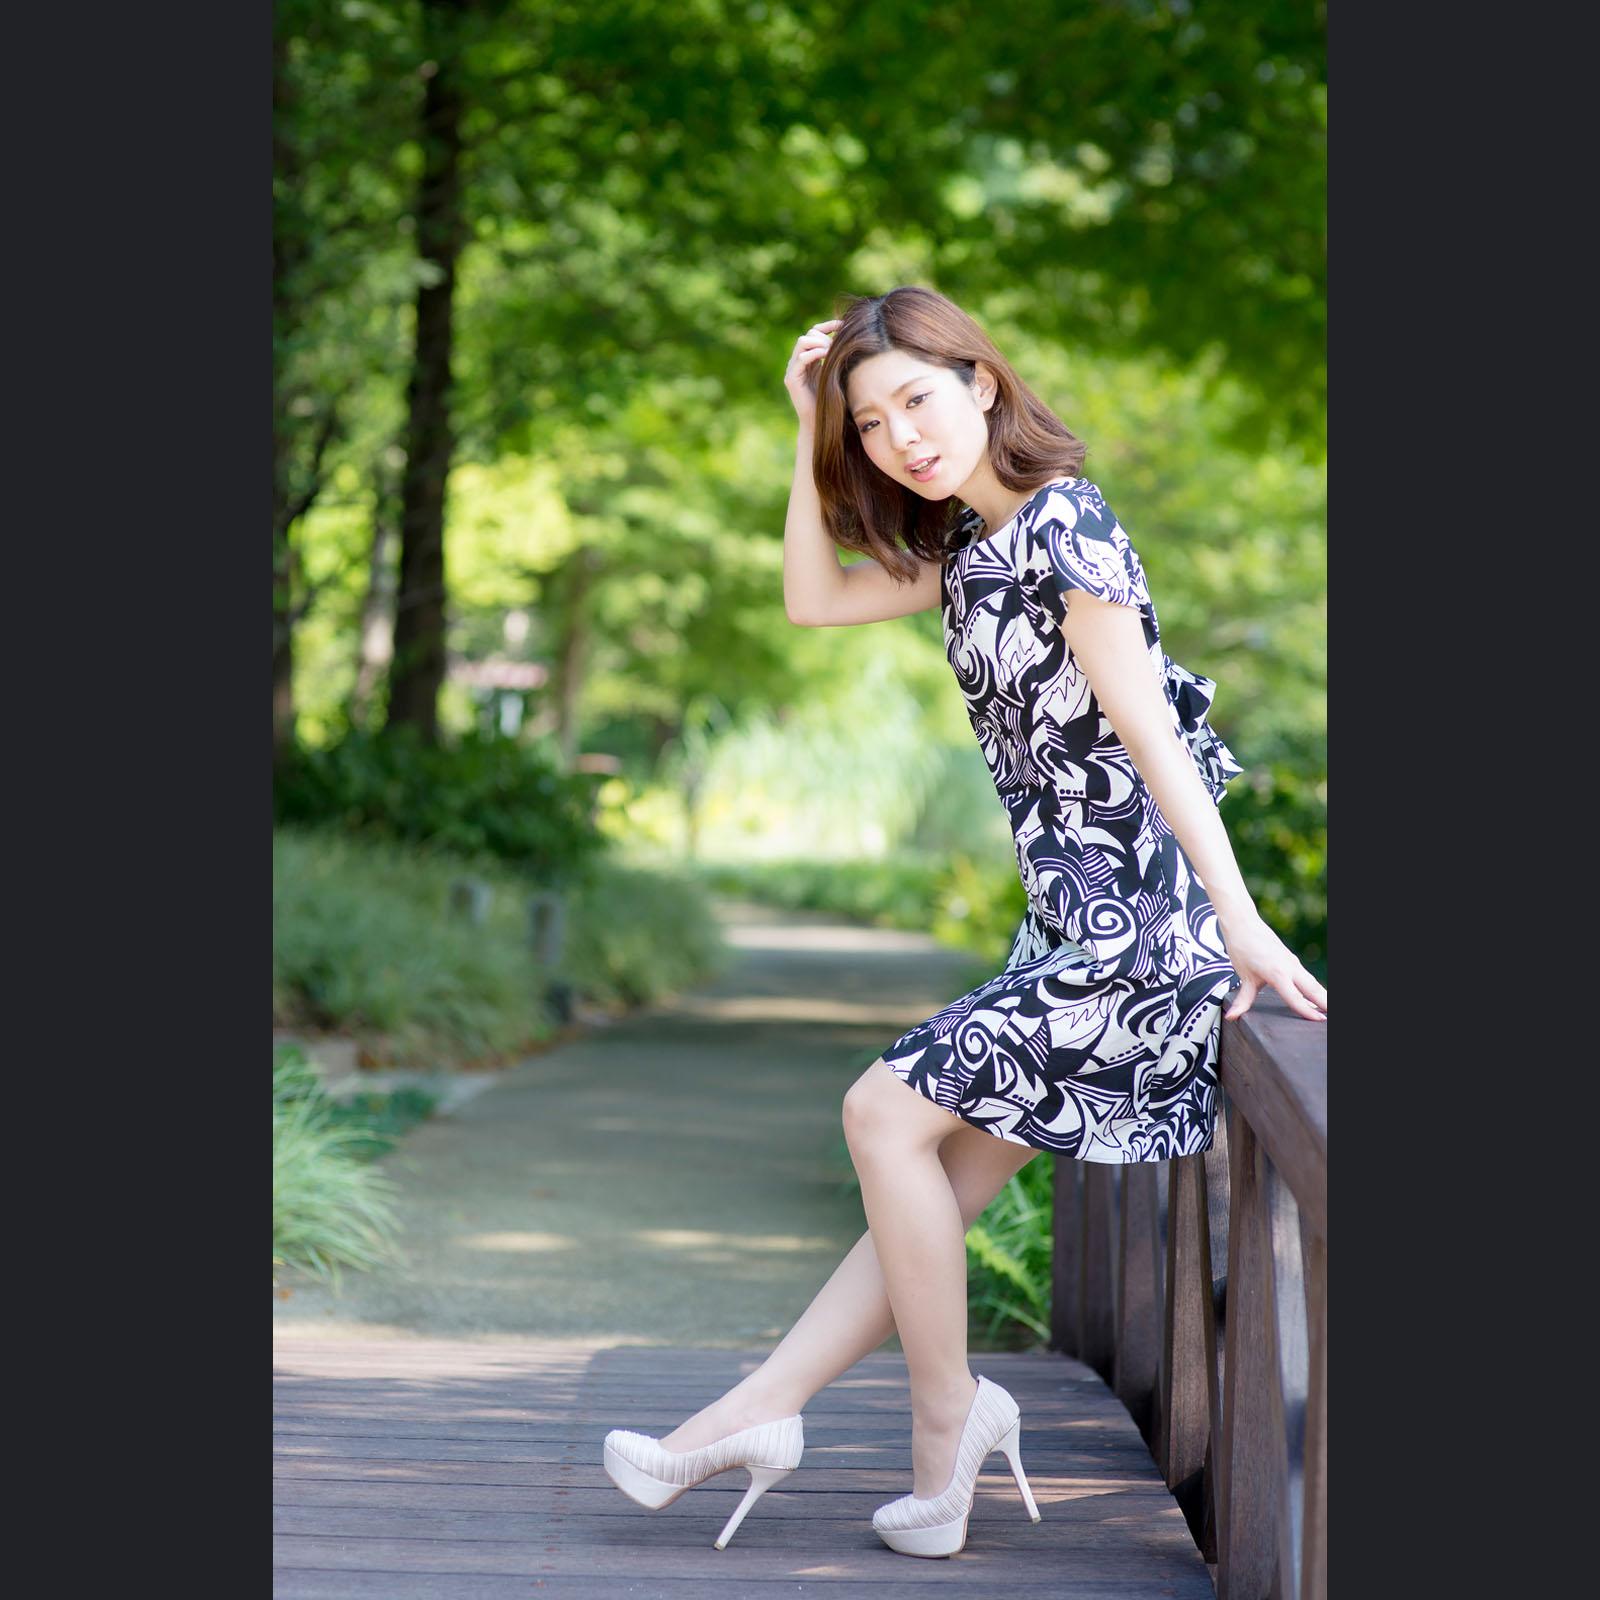 f0269385_8103959.jpg